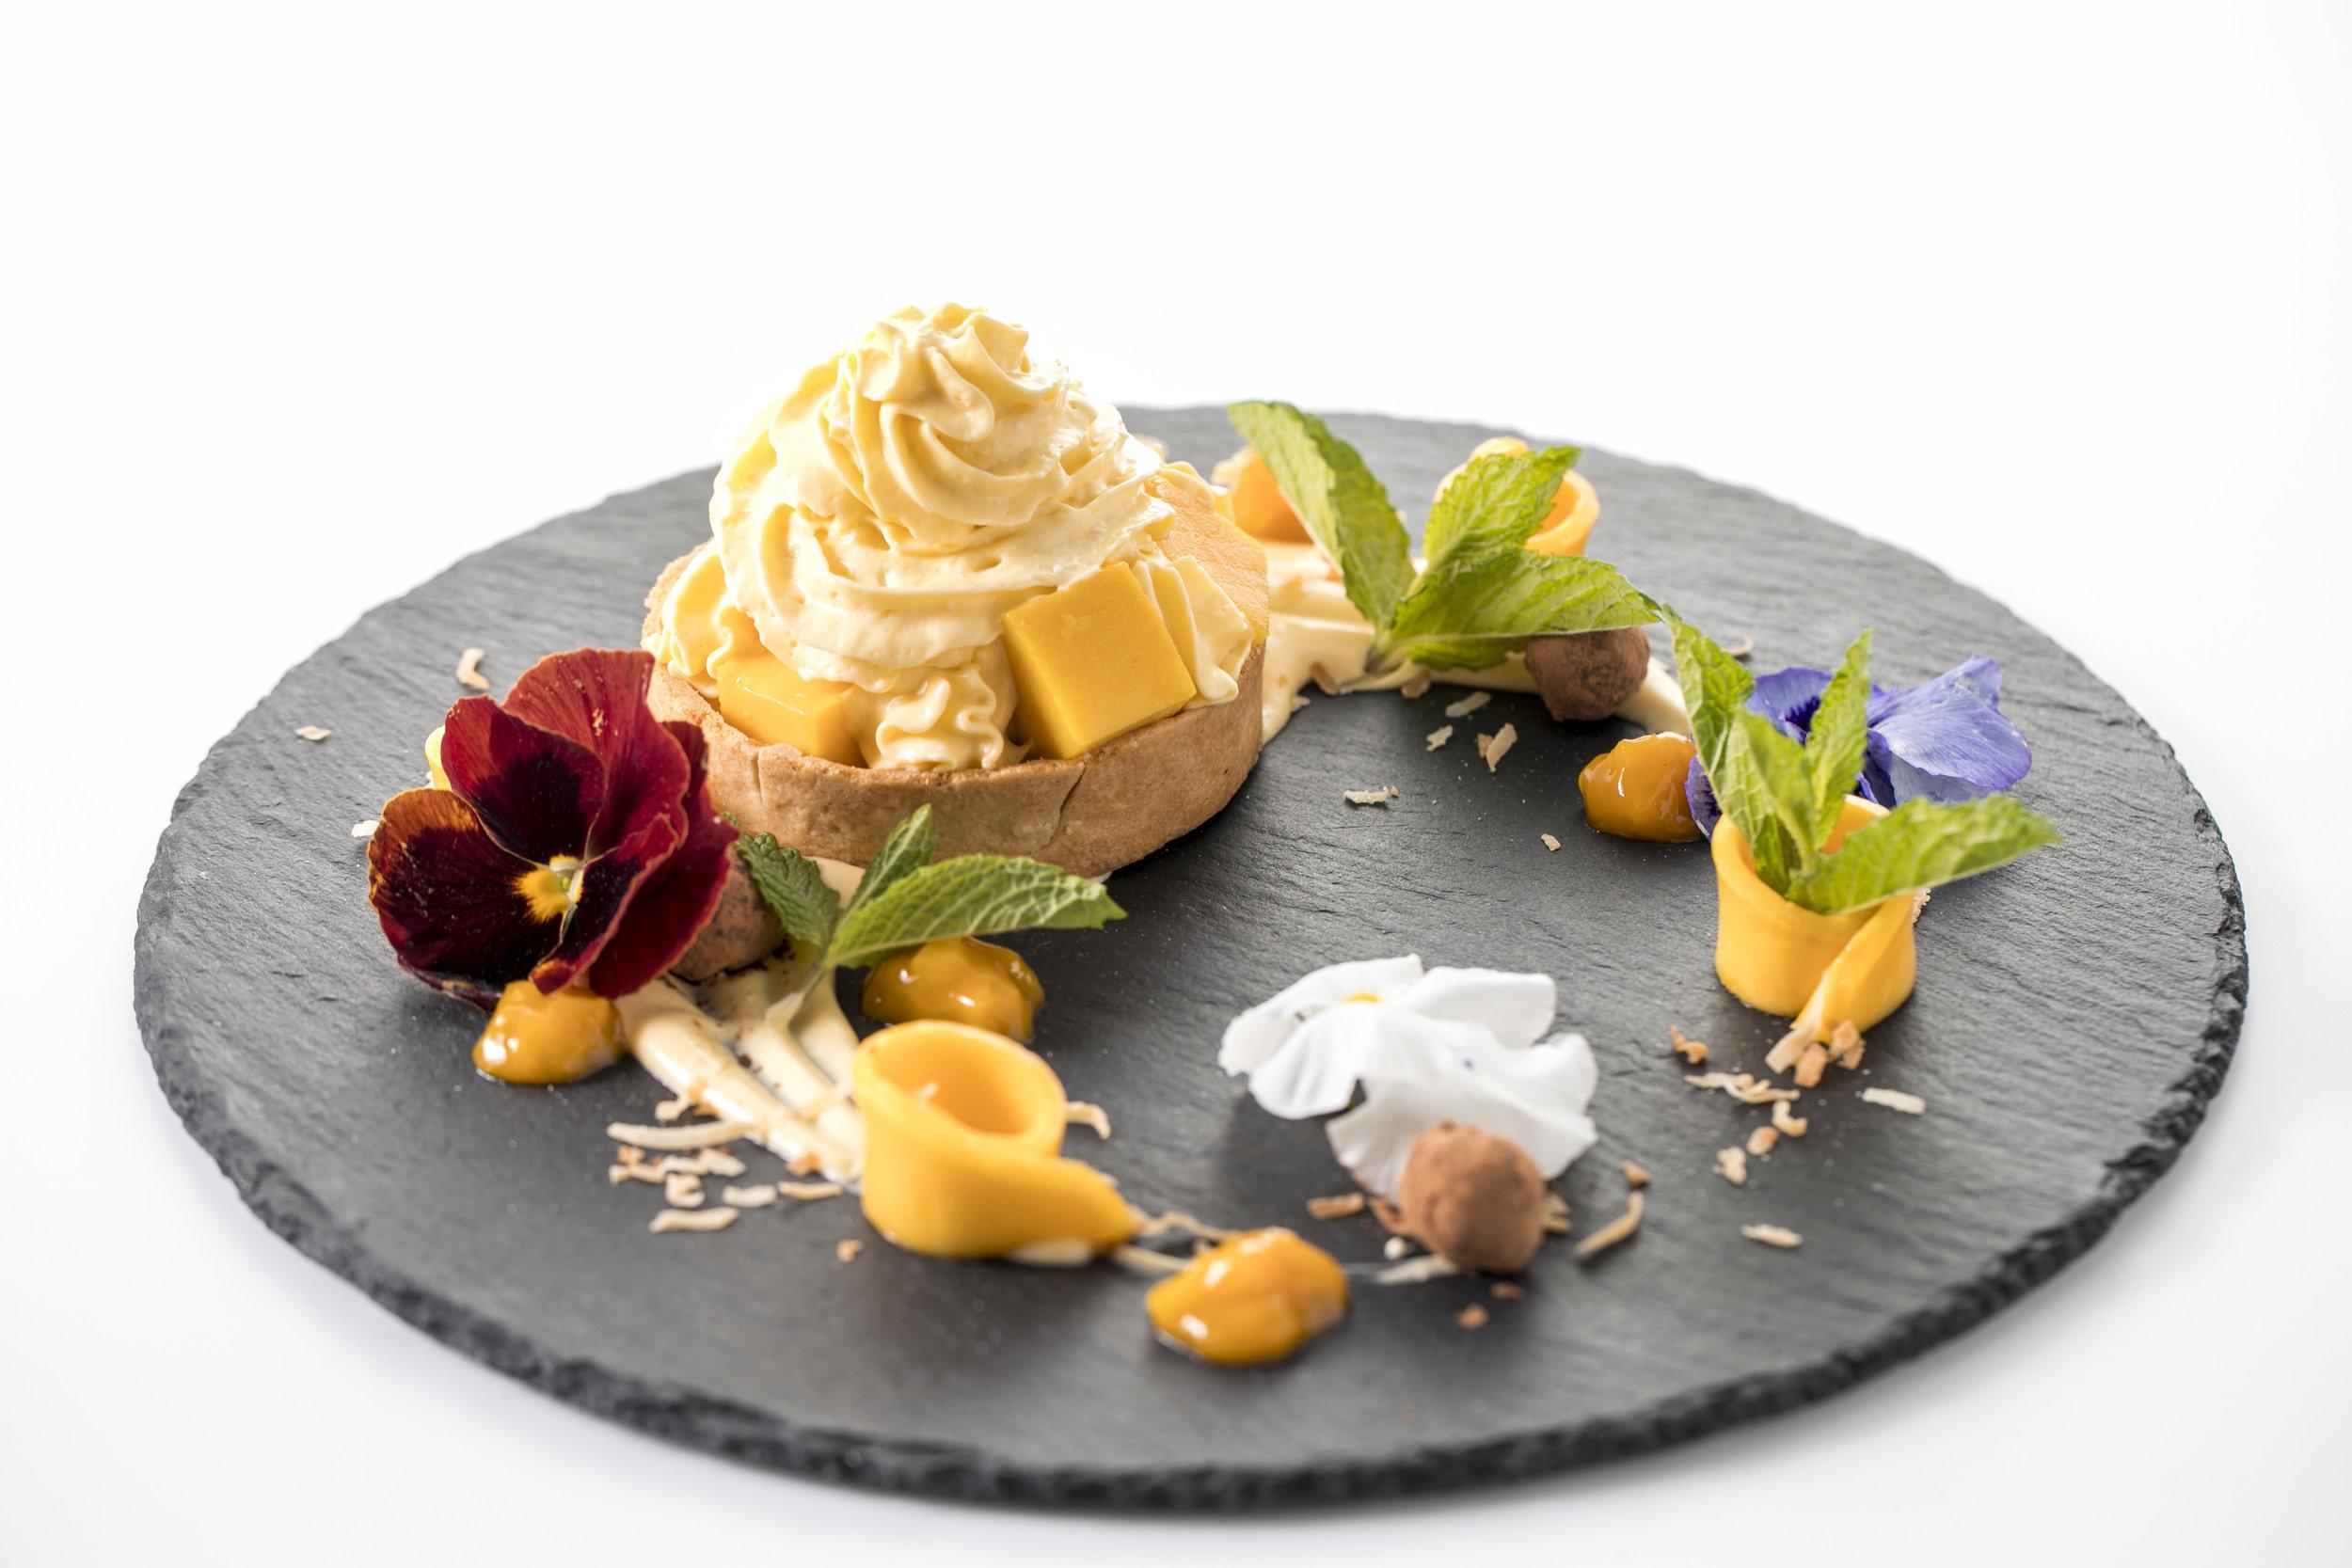 Cheesecake Espuma($16)   ヘイデンマンゴーたっぷりのゴージャスでなめらかなチーズケーキカスタードは、夢のように美しいマンゴー色。自然の甘みとチーズのコクを最大限に生かした上質なデザート。